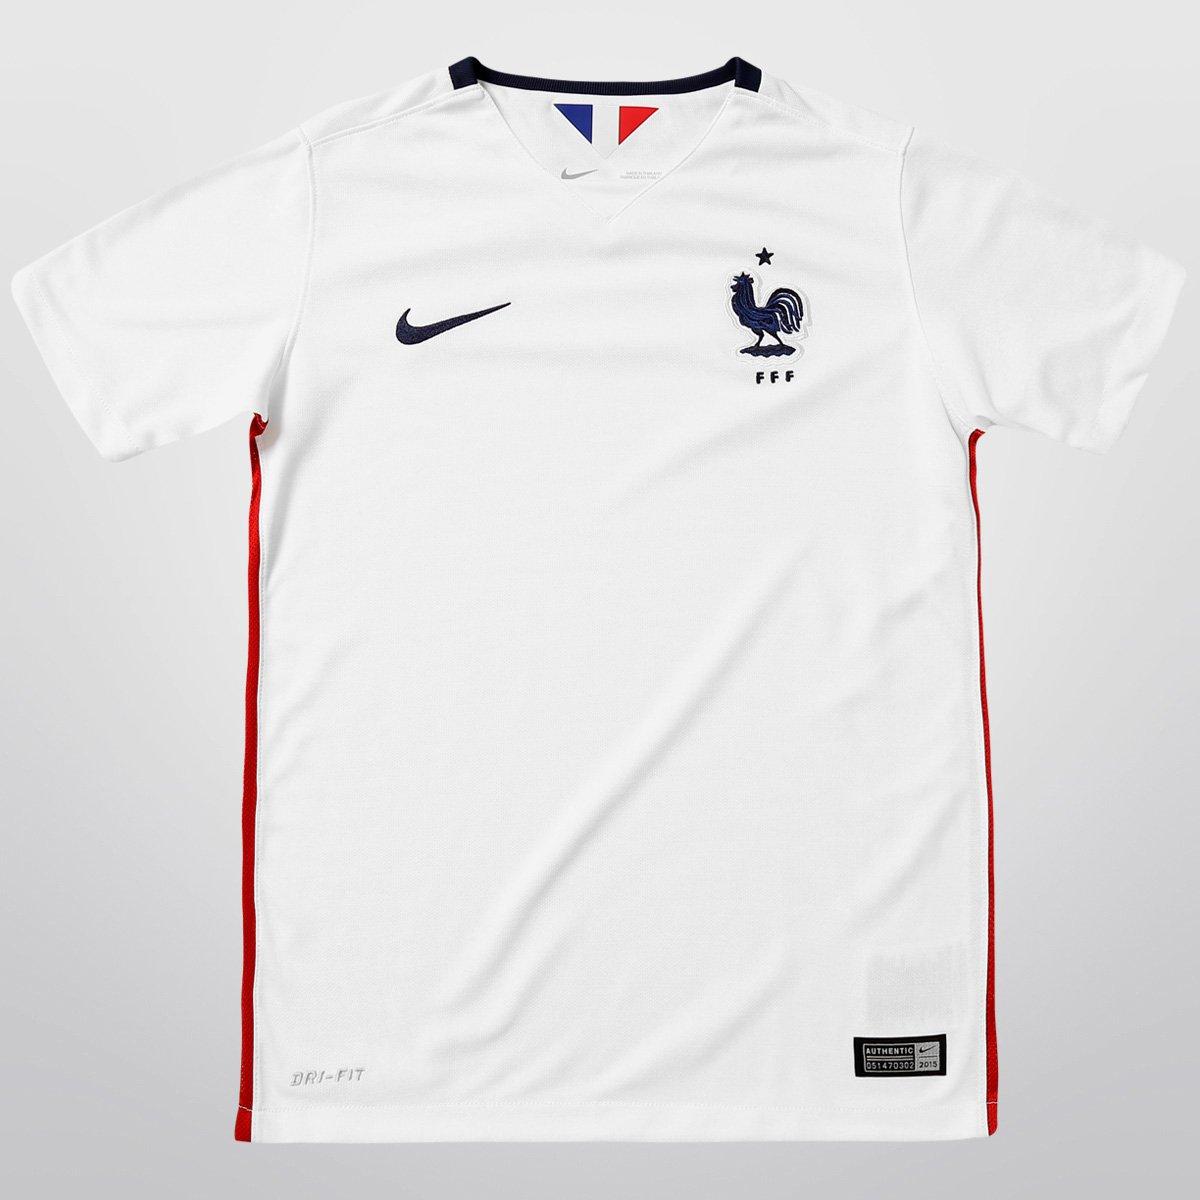 d9c8d65f84 Camisa Nike Seleção França Away 15 16 s nº Infantil - Compre Agora ...